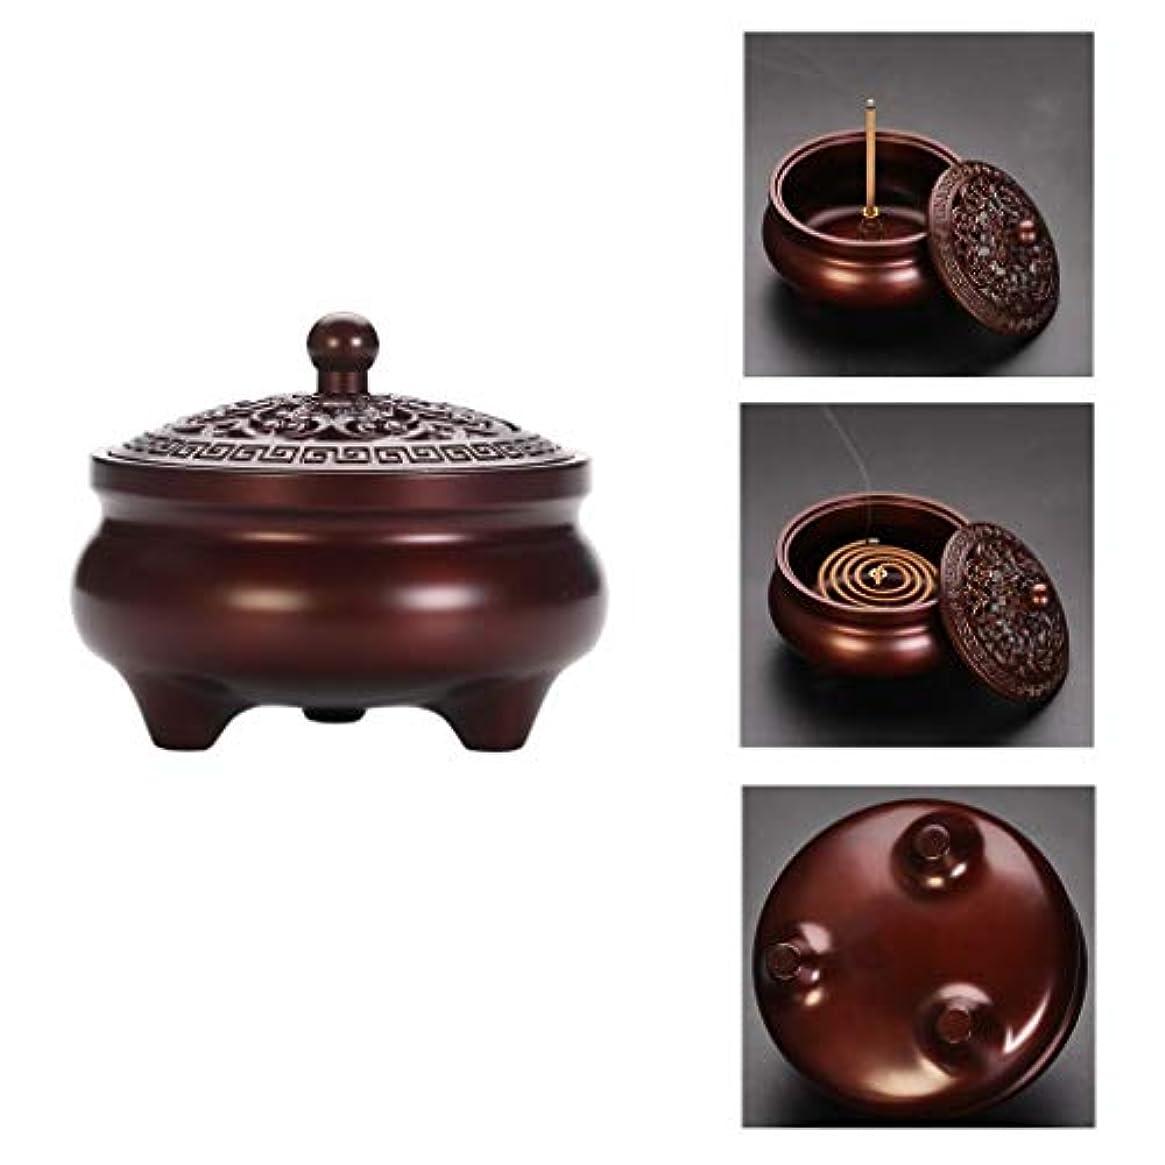 スラム可決農夫ホームアロマバーナー 純銅製メカニズム香炉シンプルでエレガントな香炉内三脚アロマセラピー炉 アロマバーナー (Color : Purple Lotus)